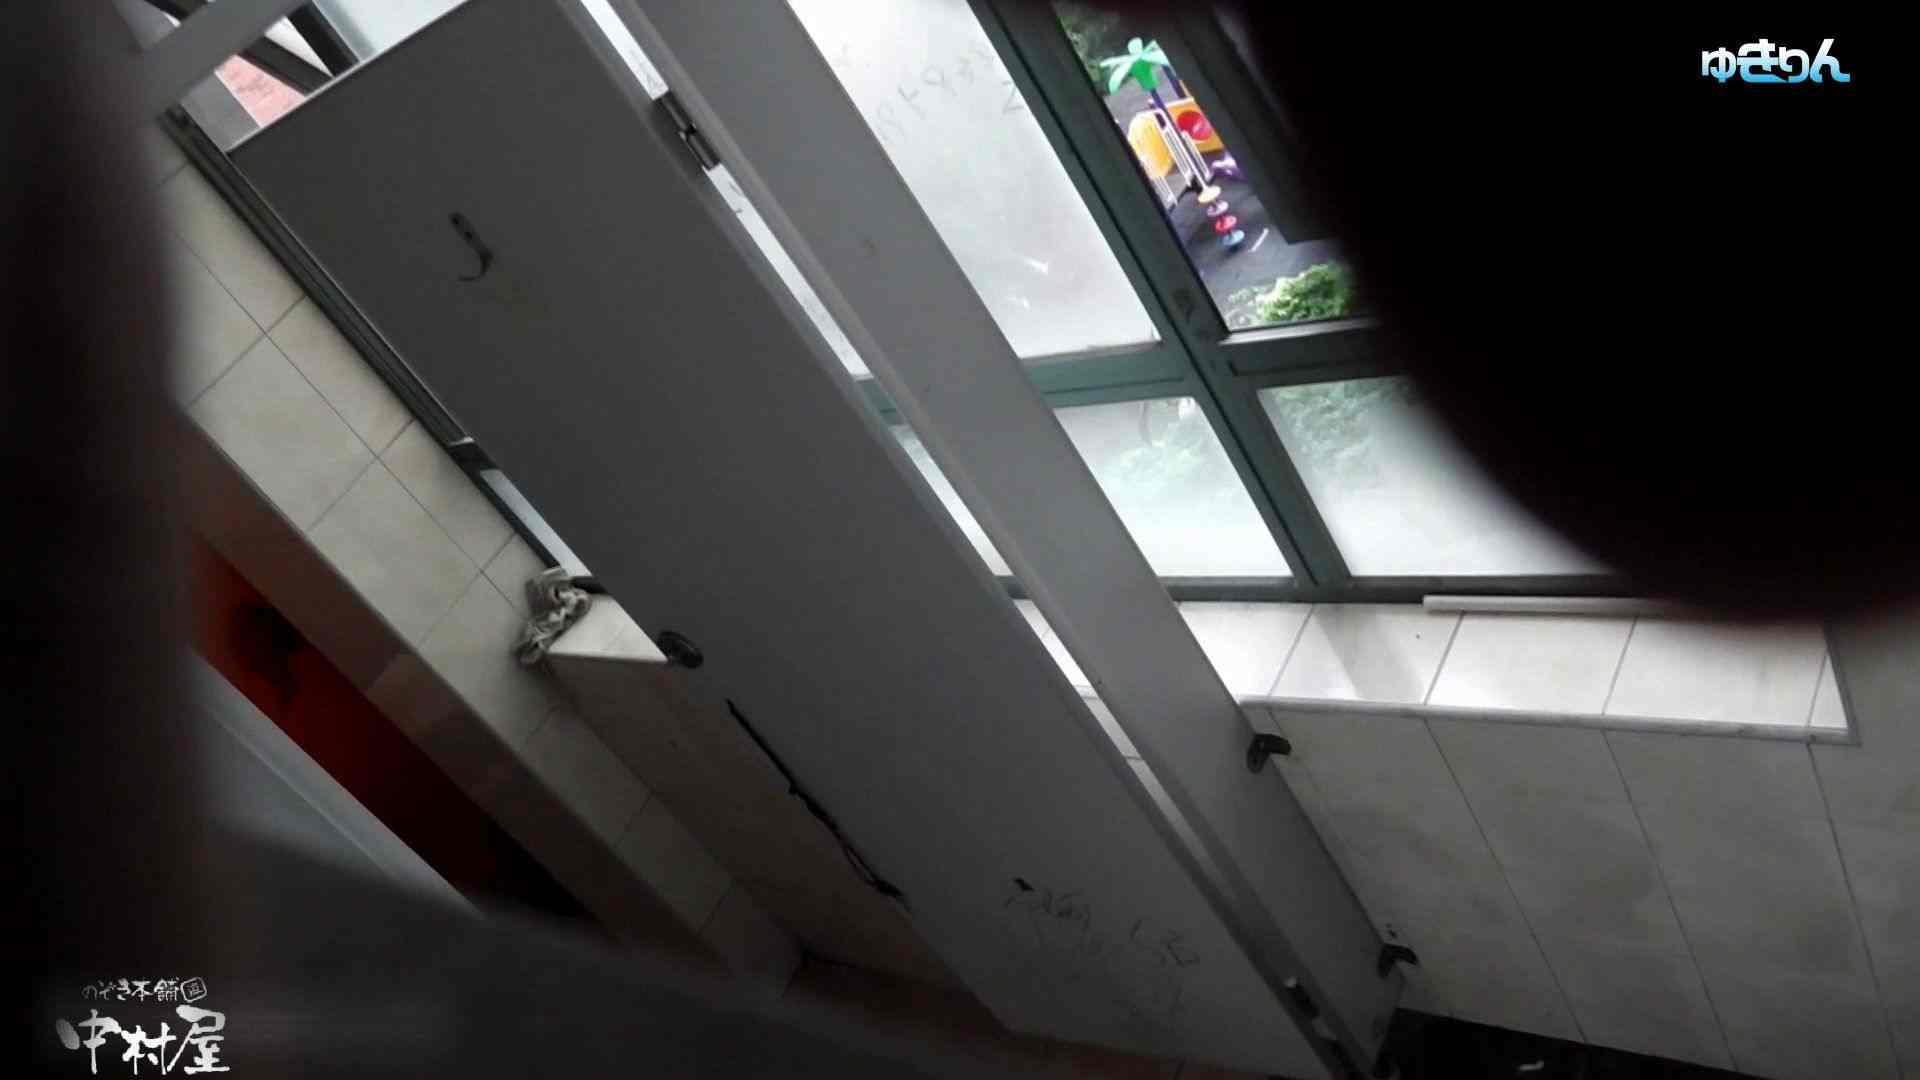 世界の射窓から~ステーション編 vol60 ユキリン粘着撮り!!今回はタイトなパンツが似合う美女 エロい美女  10枚 2